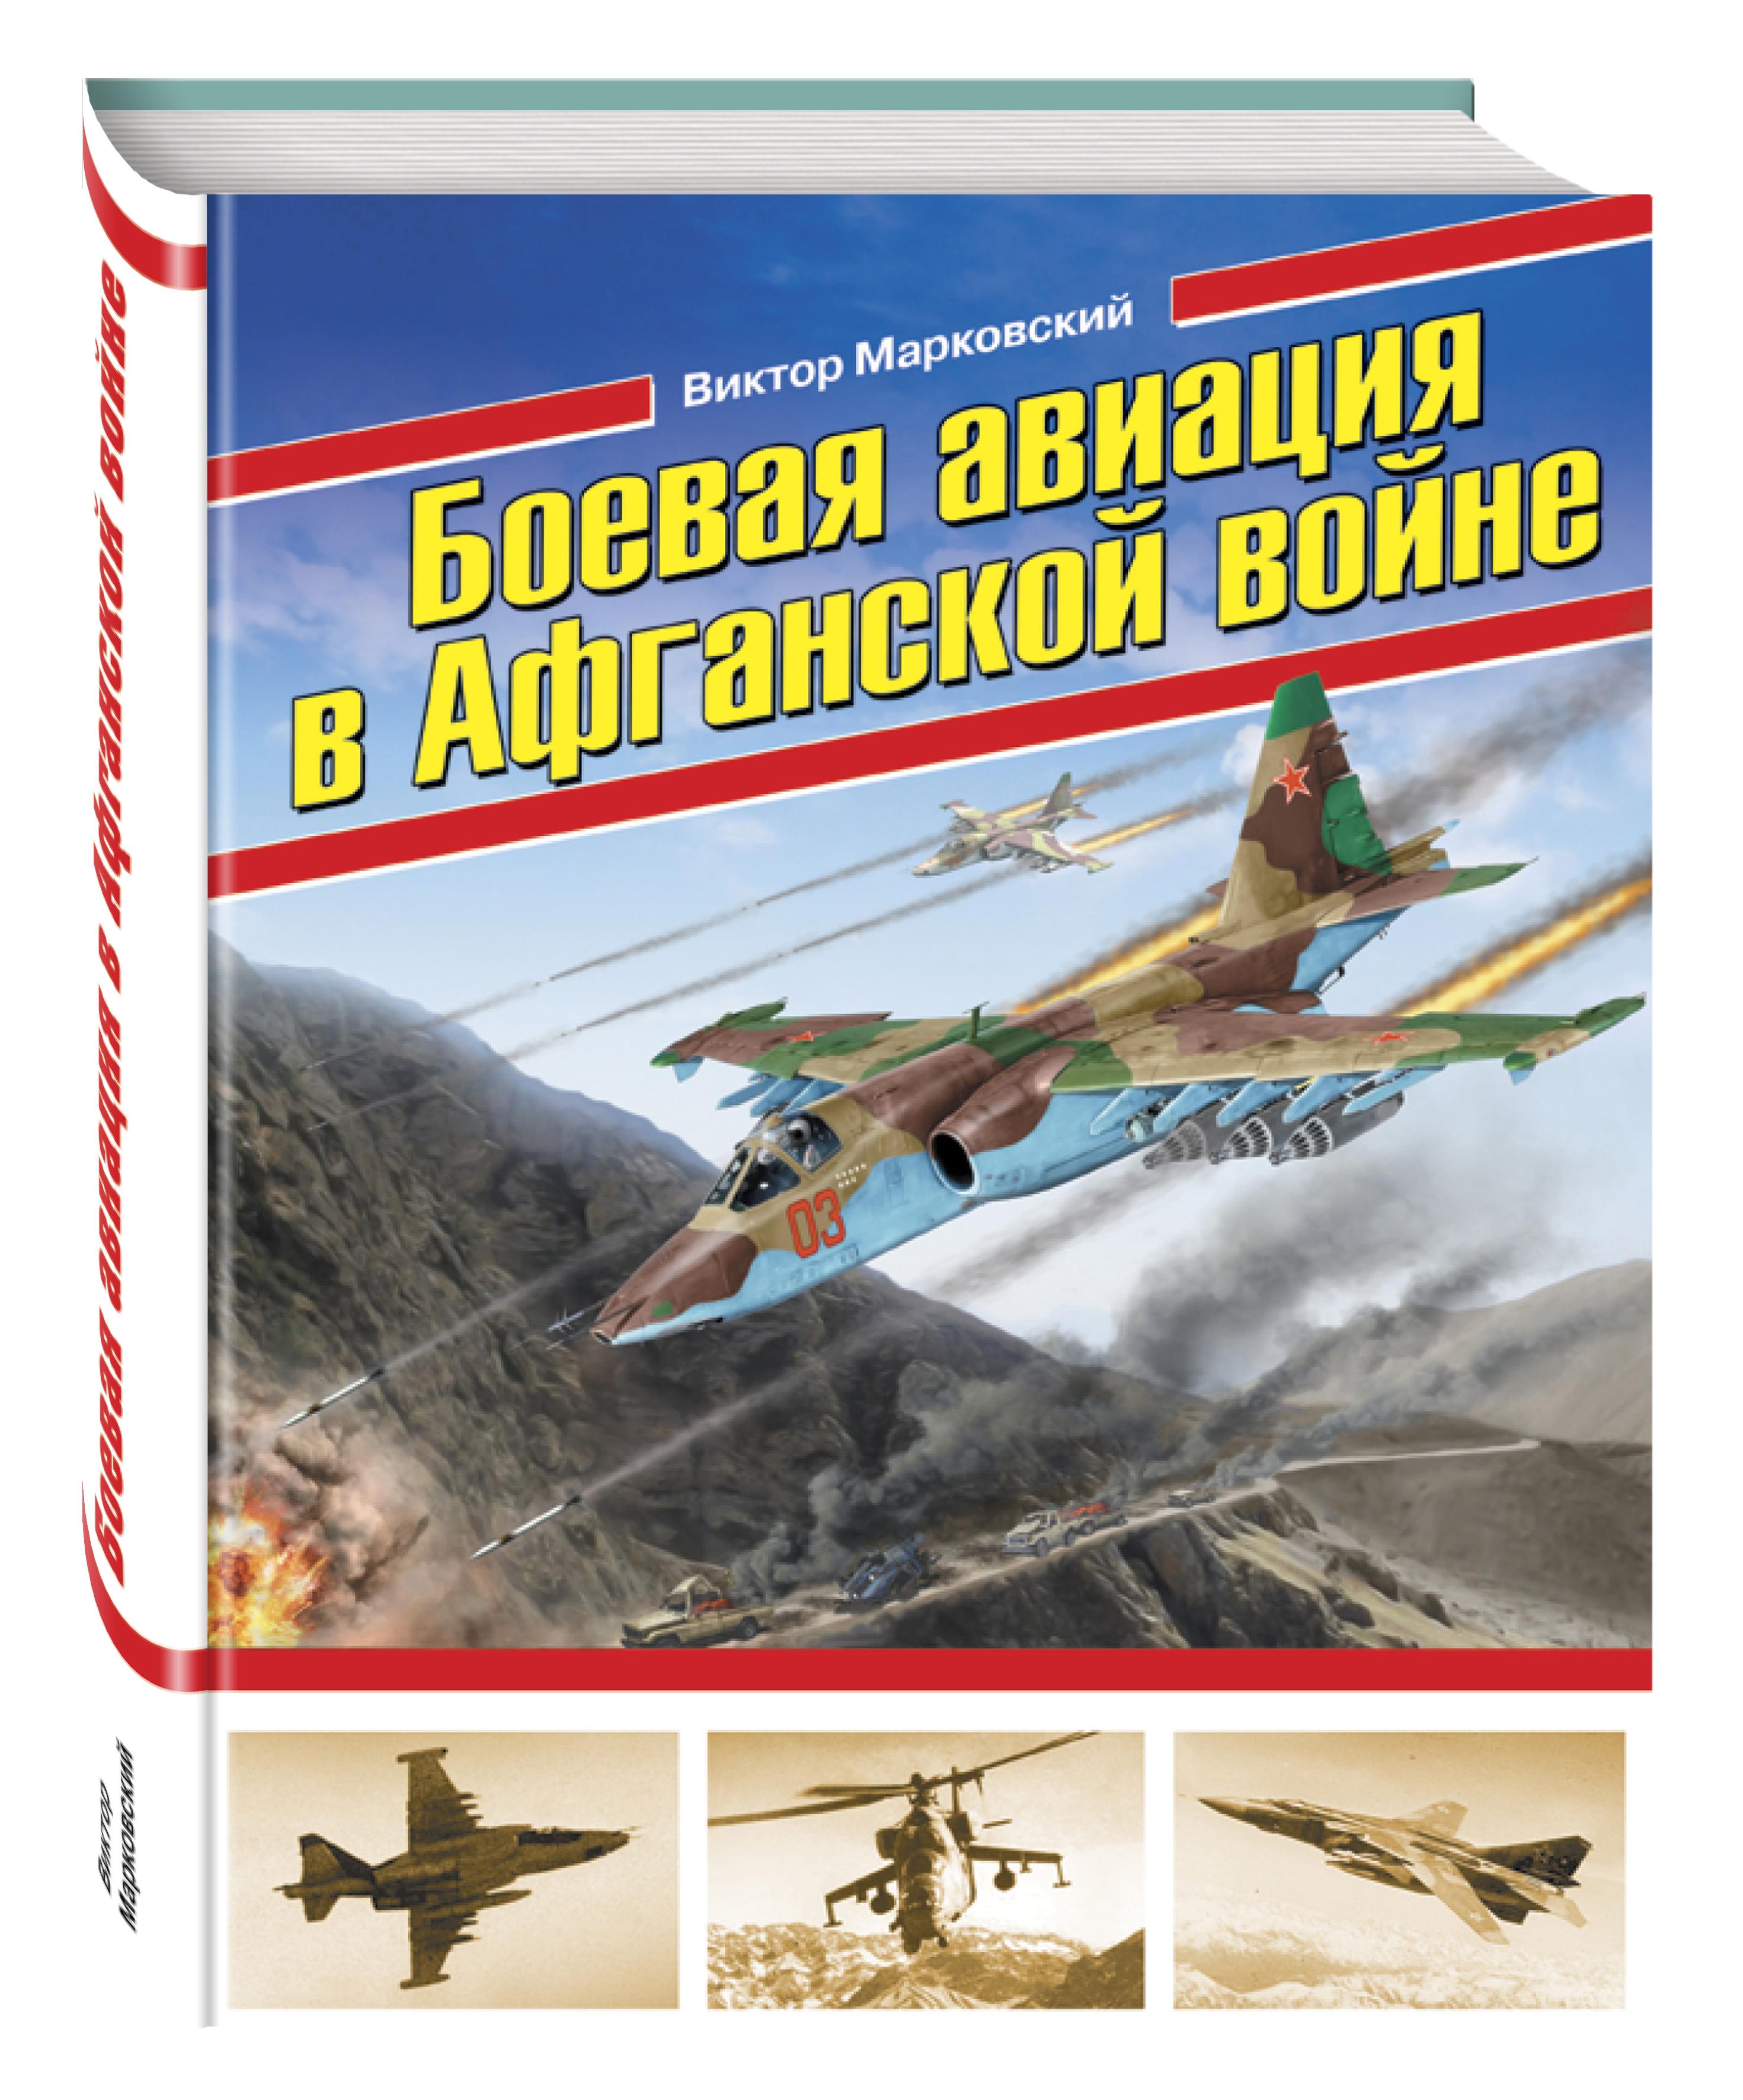 Марковский В.Ю. Боевая авиация в Афганской войне